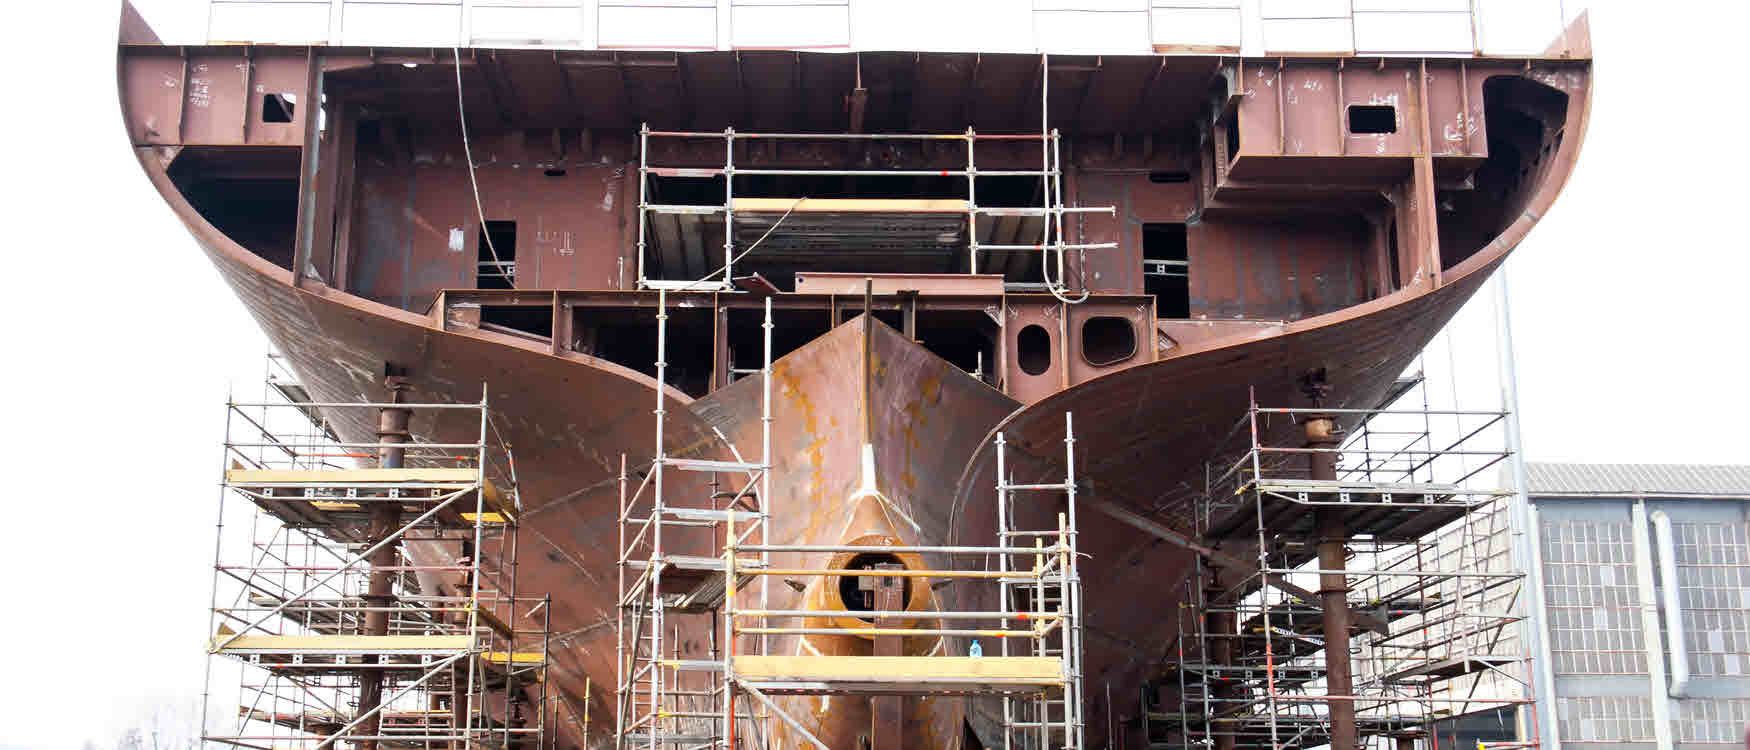 scheepsbouw -scheepsromp doorsnede berekenen RFEM rekensoftware